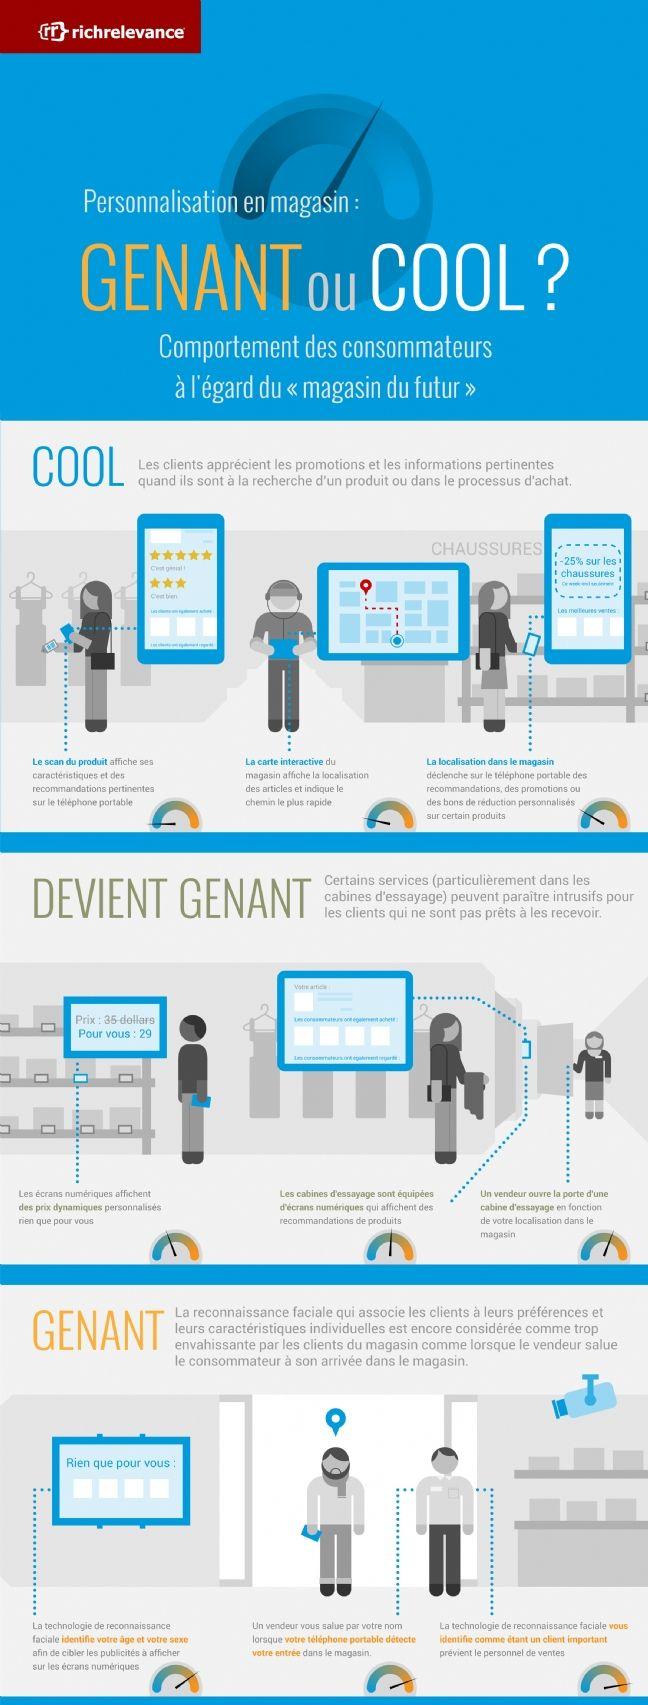 Infographie | RichRelevance analyse les attentes des clients par rapport aux outils numériques en point de vente